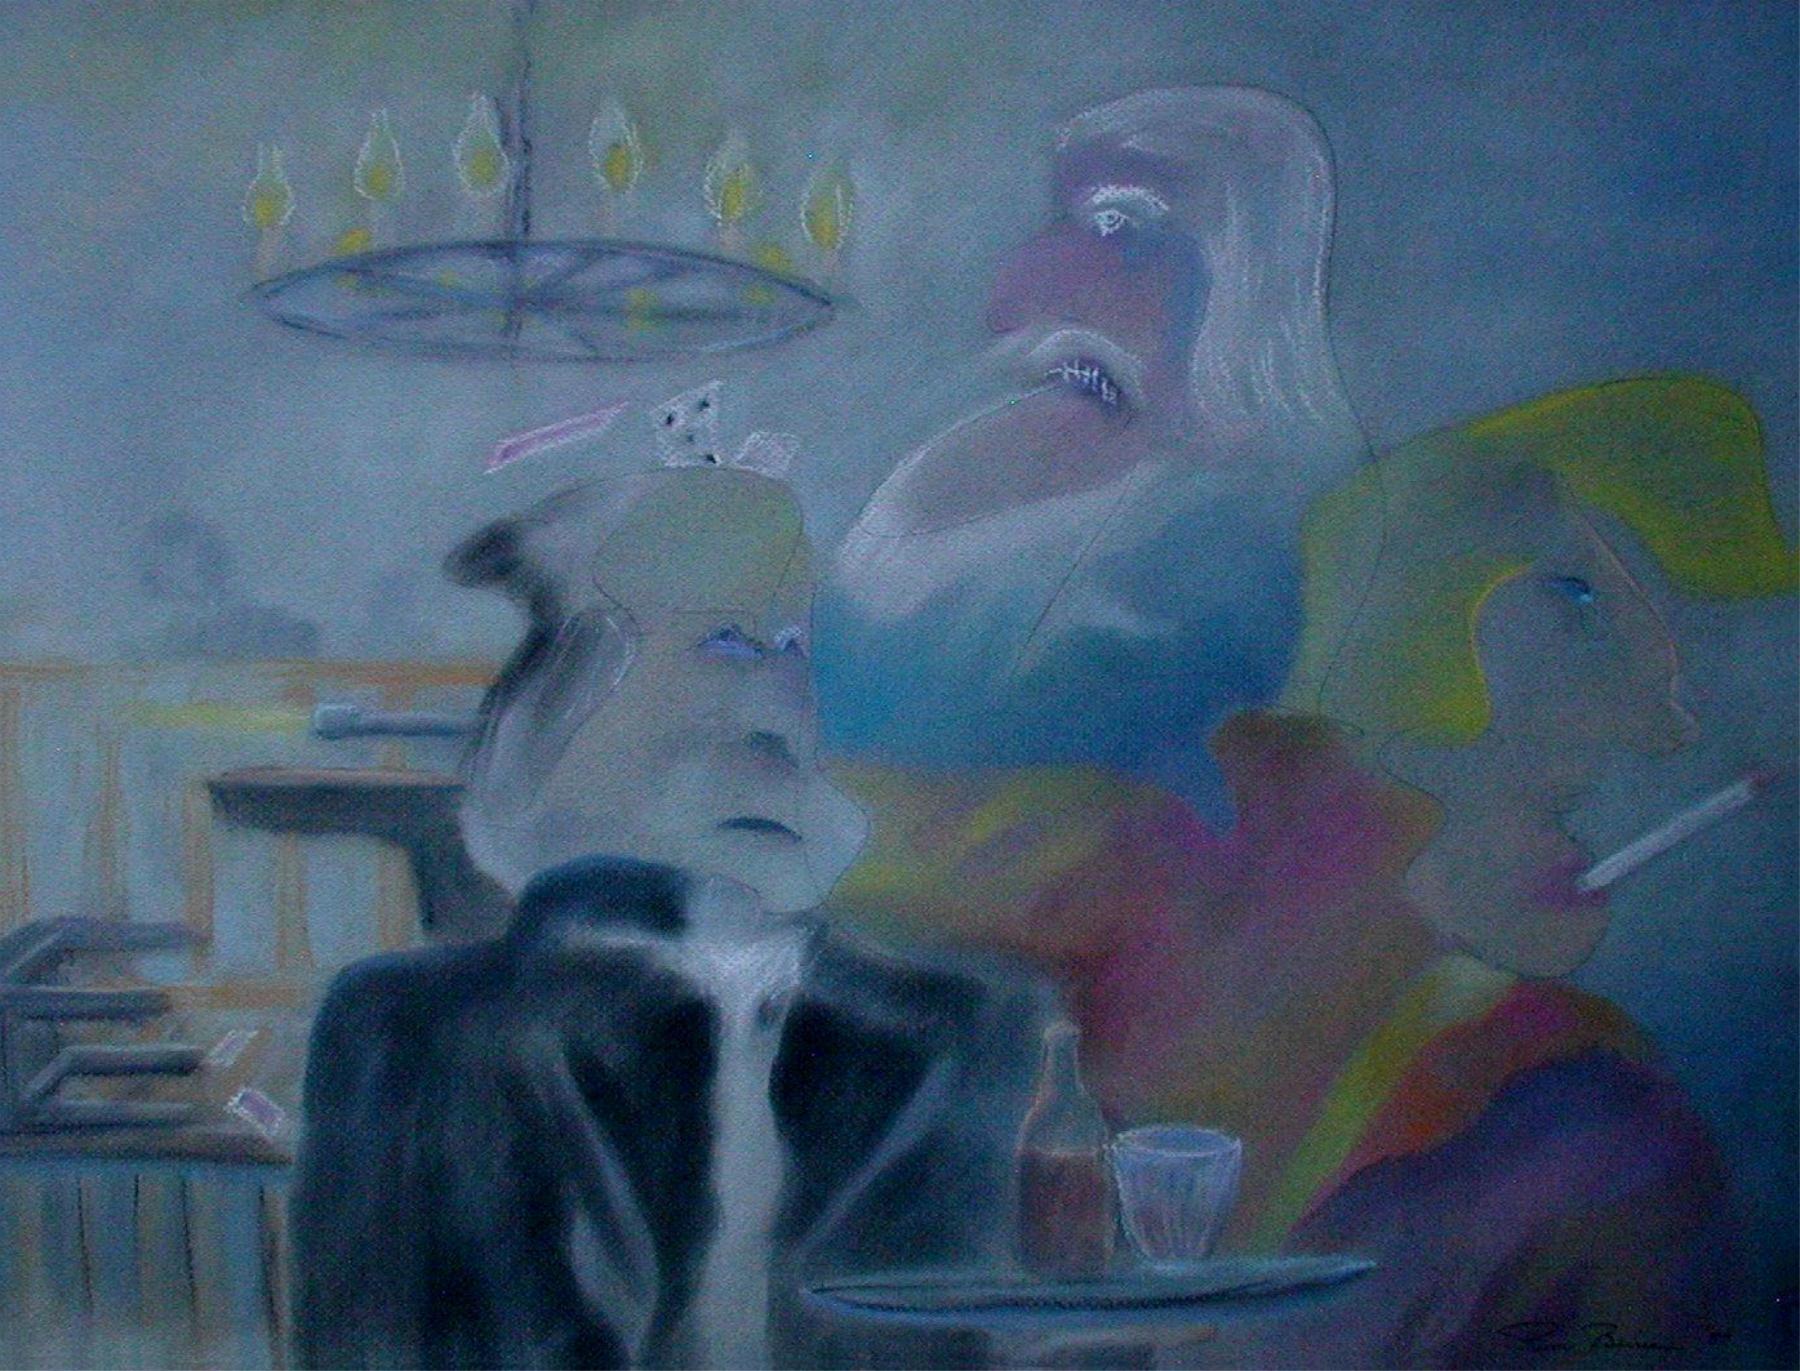 """<span style=""""color: #ff0000;""""><a style=""""color: #ff0000;"""" href=""""mailto:pbureau@hotmail.com?subject=Défi 15 dessins 15 semaines - Intrigue au saloon"""">Contacter l'artiste</a></span> Pierre Bureau - Intrigue au saloon - 255 $ (transaction directement avec l'artiste) - pastel sec sur papier Canson couleur - 46 x 58 cm"""